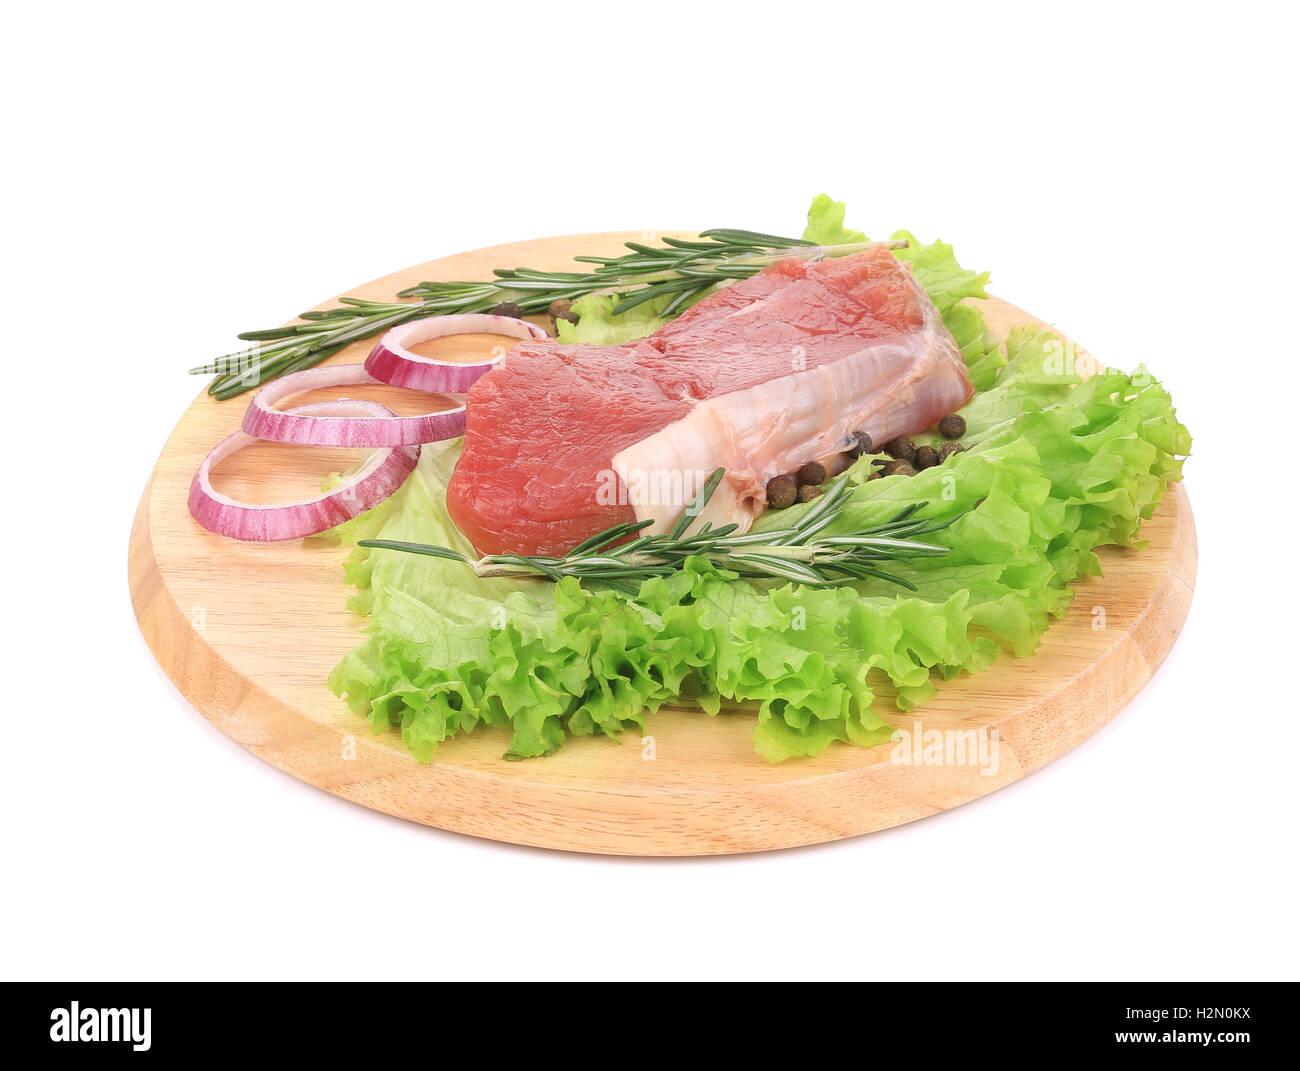 Rohes Steak auf Platte. Stockfoto